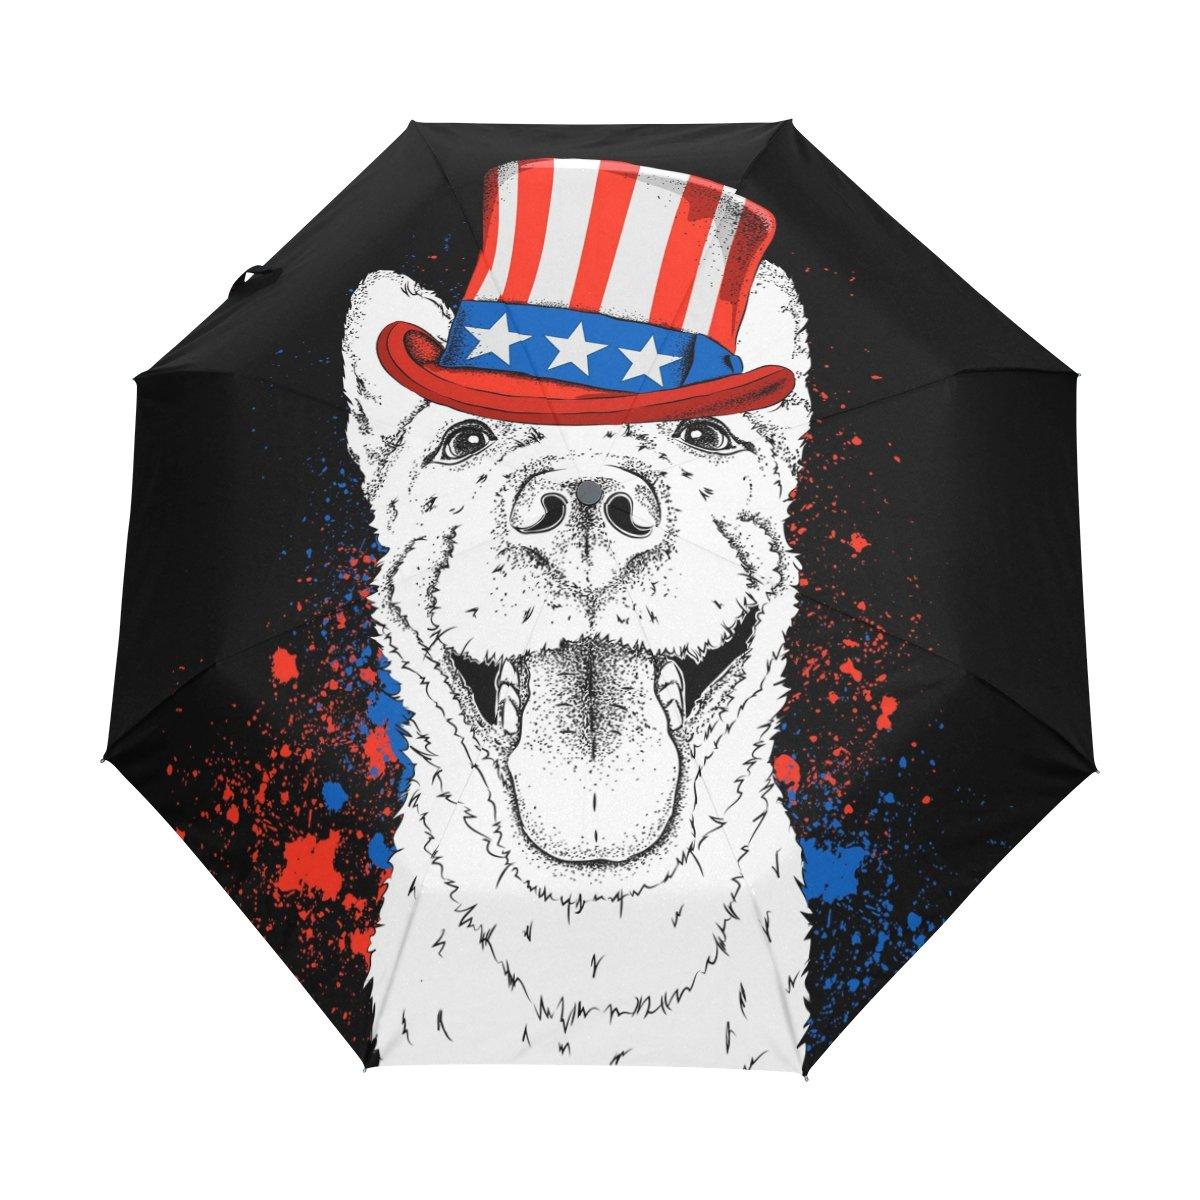 Senya Saobao防風と防雨トラベル傘と自動開いて閉じFolding犬in Hat with American Flagポータブル折りたたみ式太陽雨傘 B07FDWC7HL